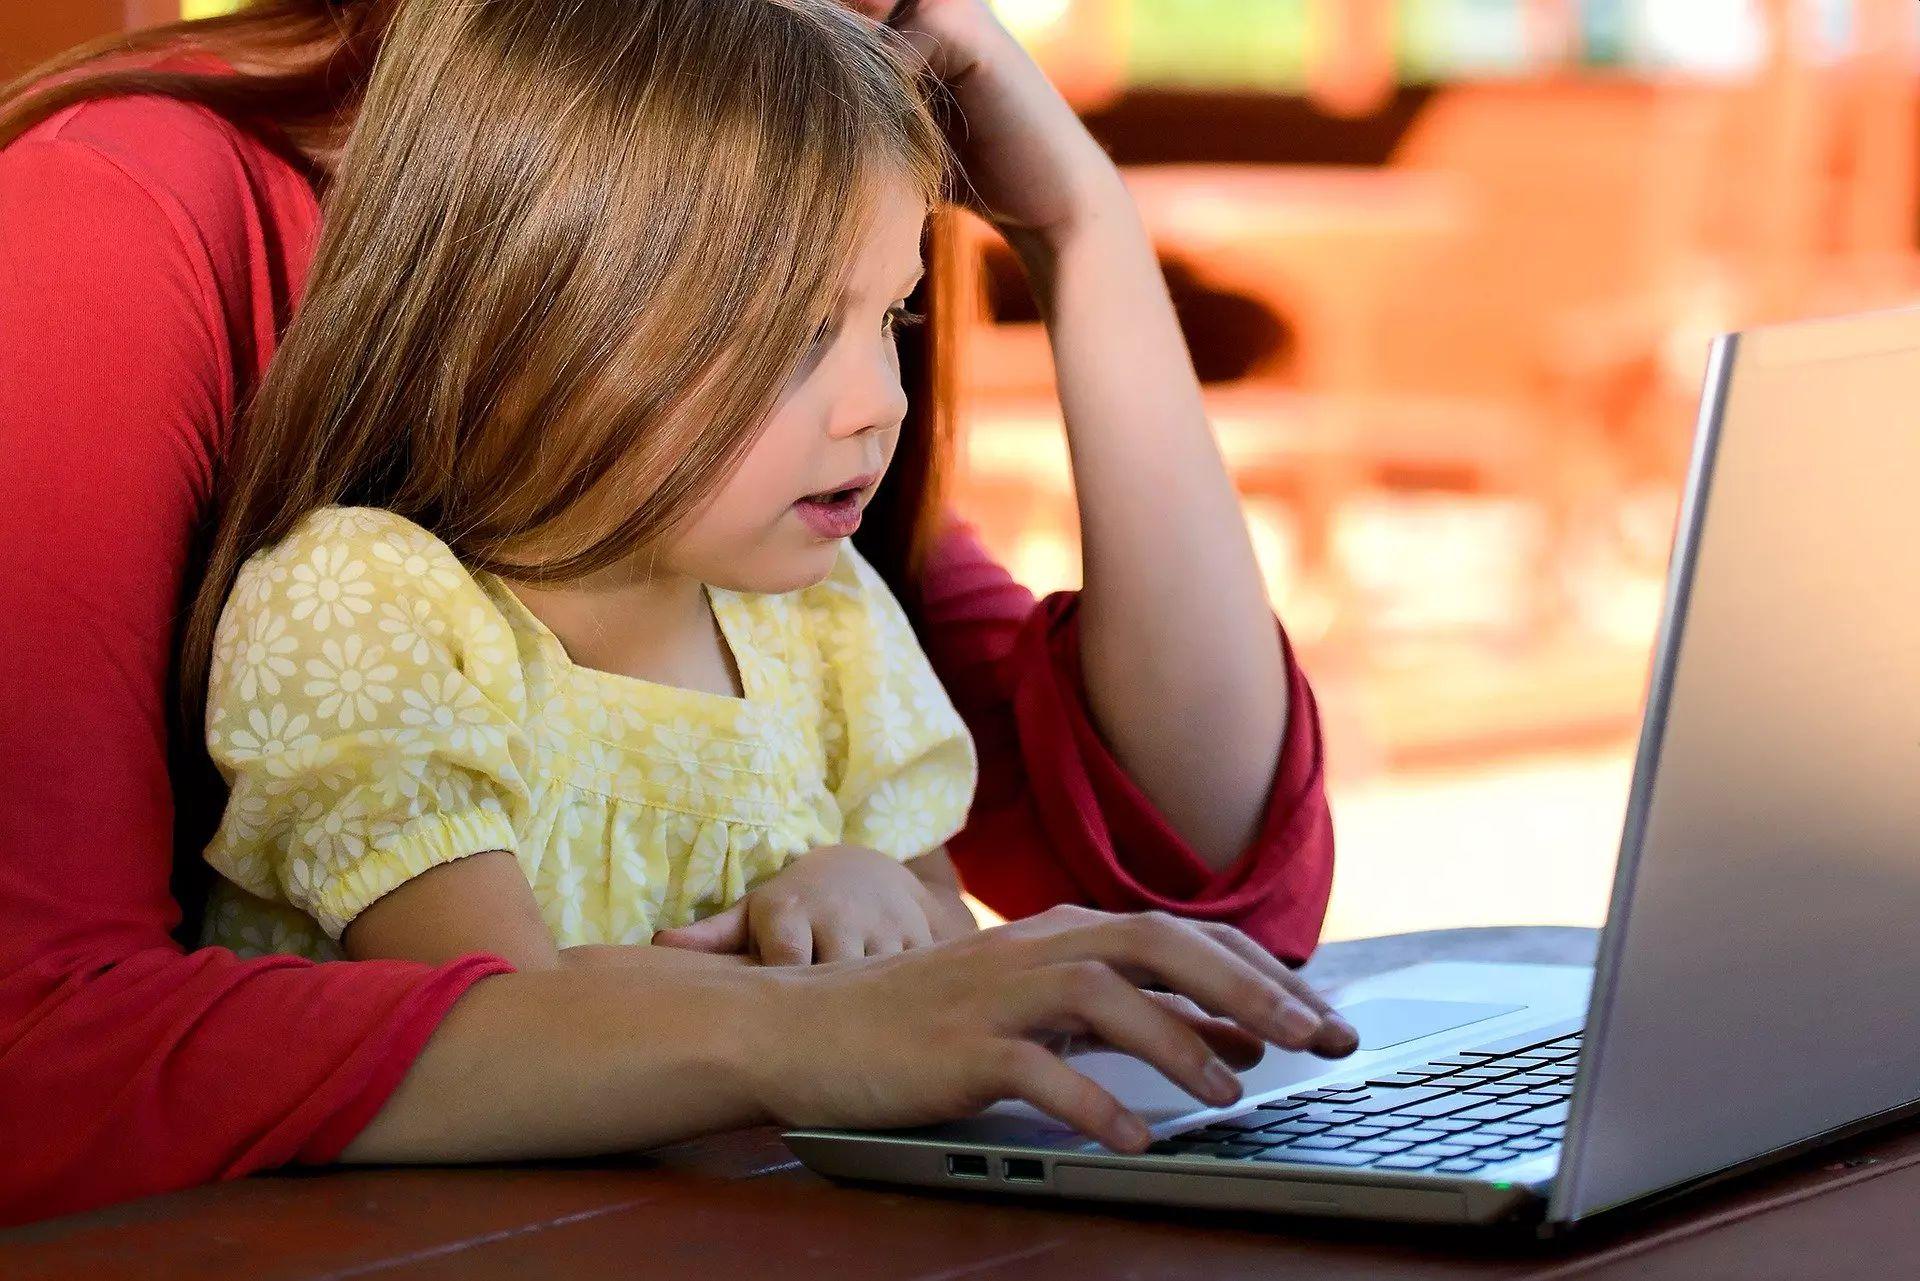 Programa Seguro Família vai existir? Saiba tudo sobre o assunto (Foto: Pixabay)